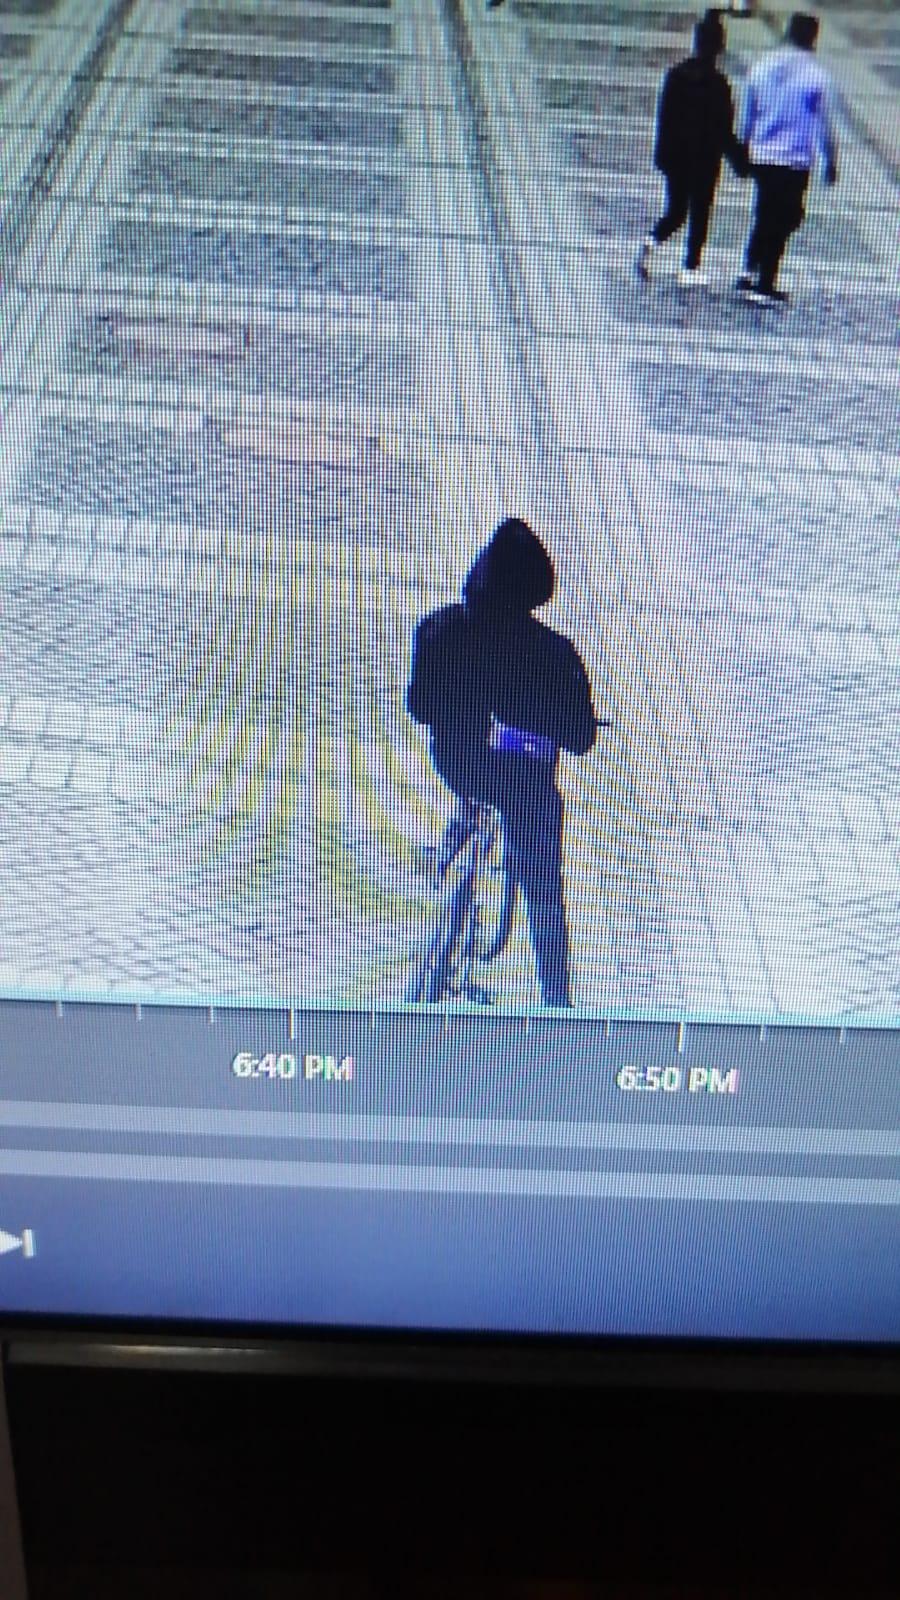 Polițiștii caută un biciclist neatent care a acroșat o copilă de 2 ani